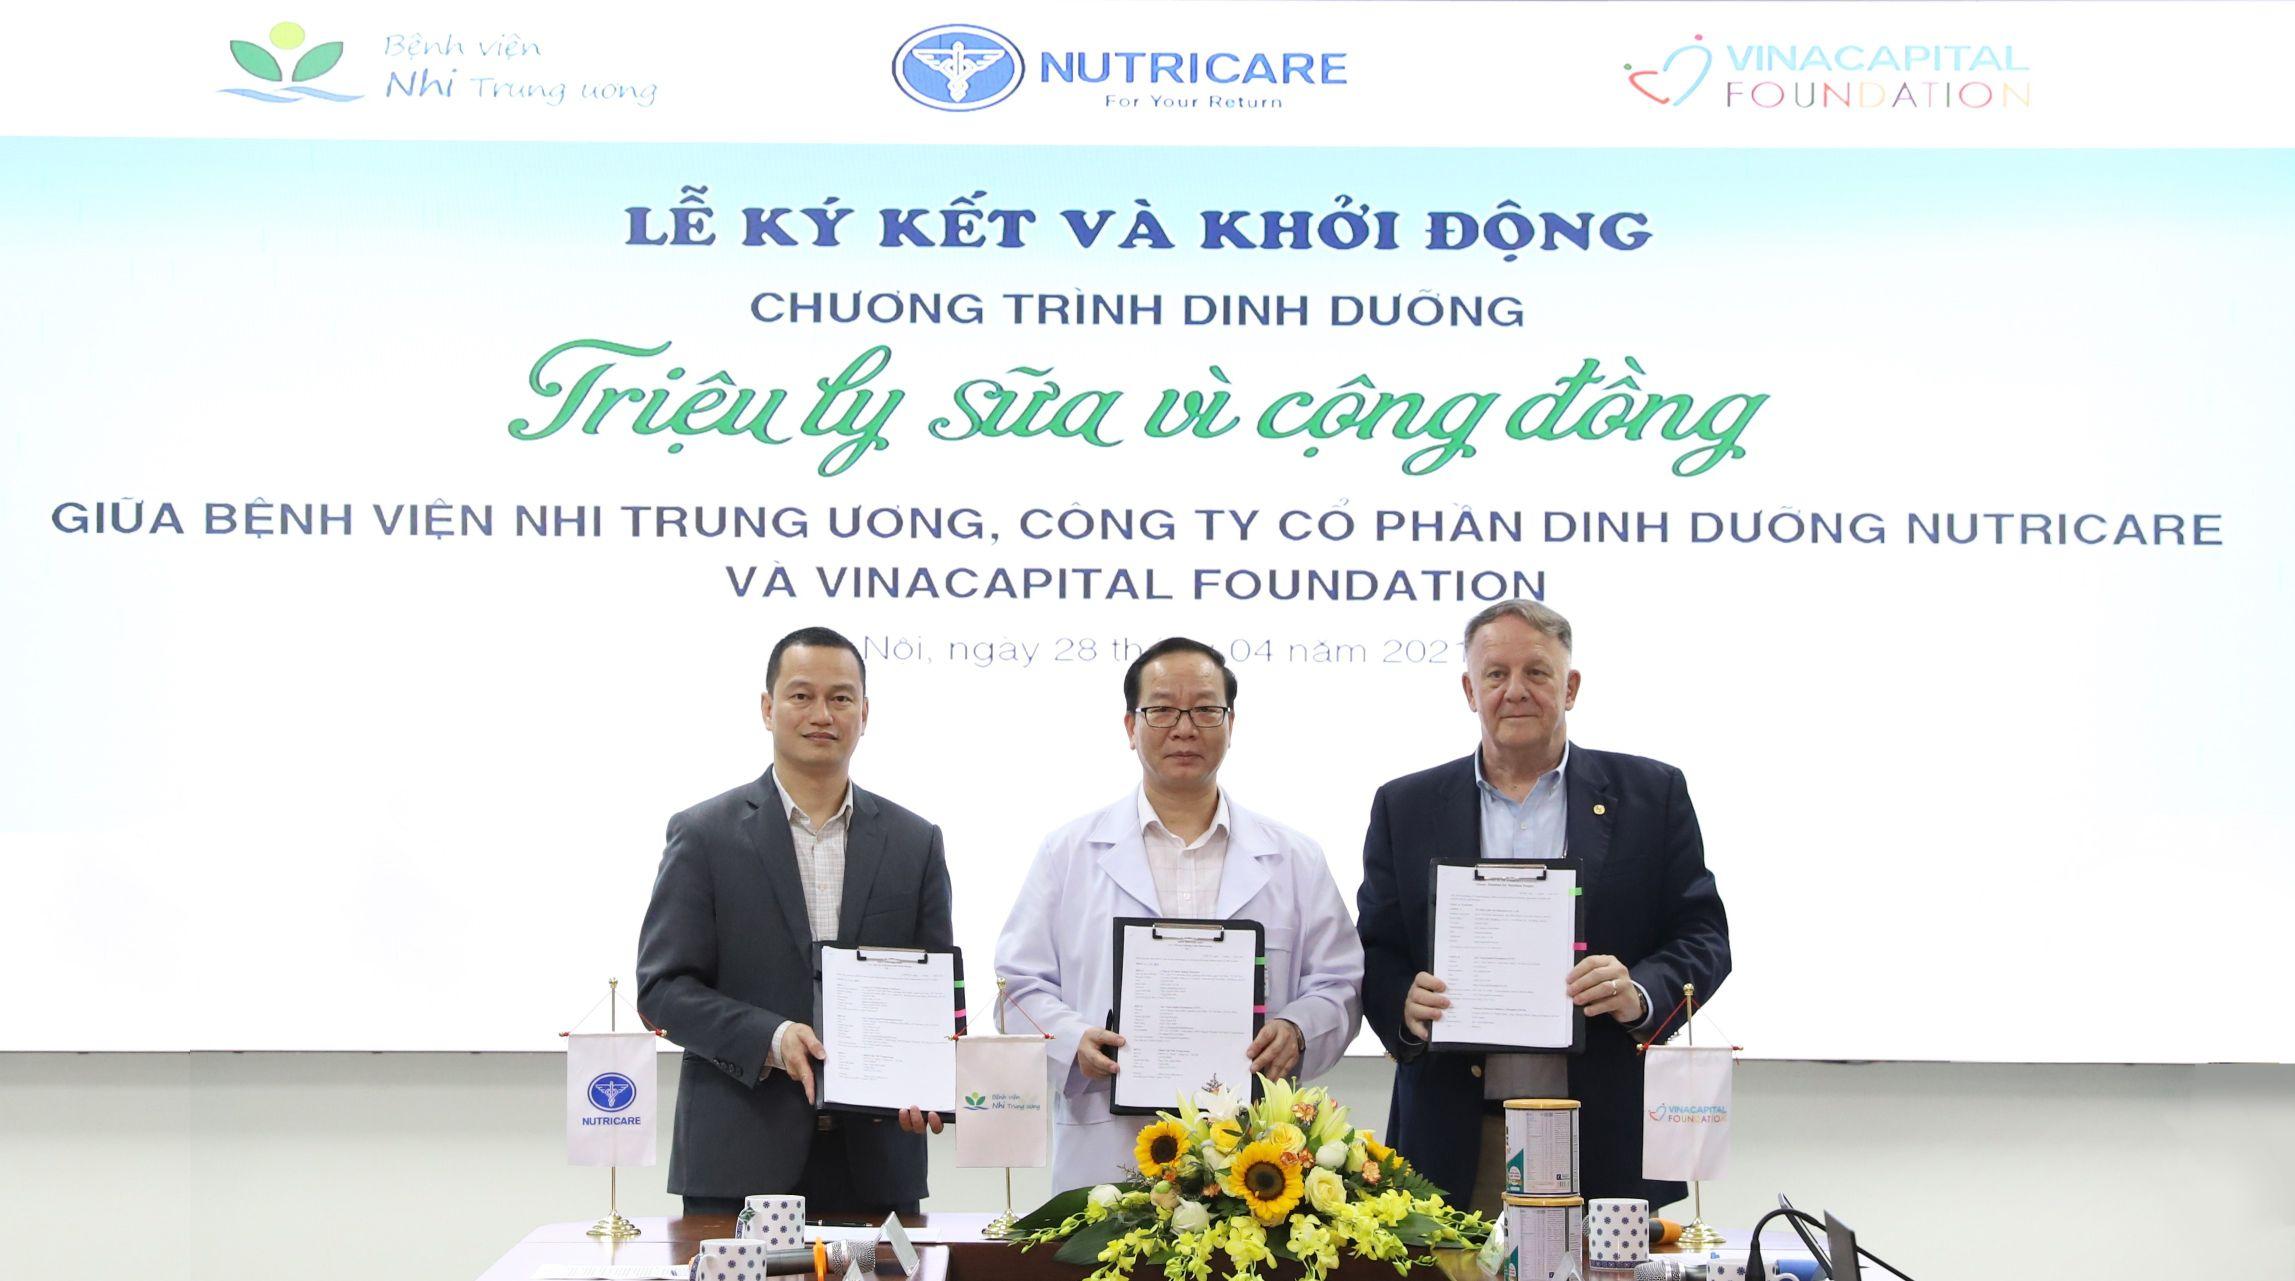 Ký kết Thỏa thuận hợp tác giữa Bệnh viện Nhi Trung ương CTCP Dinh dưỡng Nutricare và VinaCapital Foundation VinaCapital Foundation phát động chương trình dinh dưỡng cho bệnh nhi ung thư